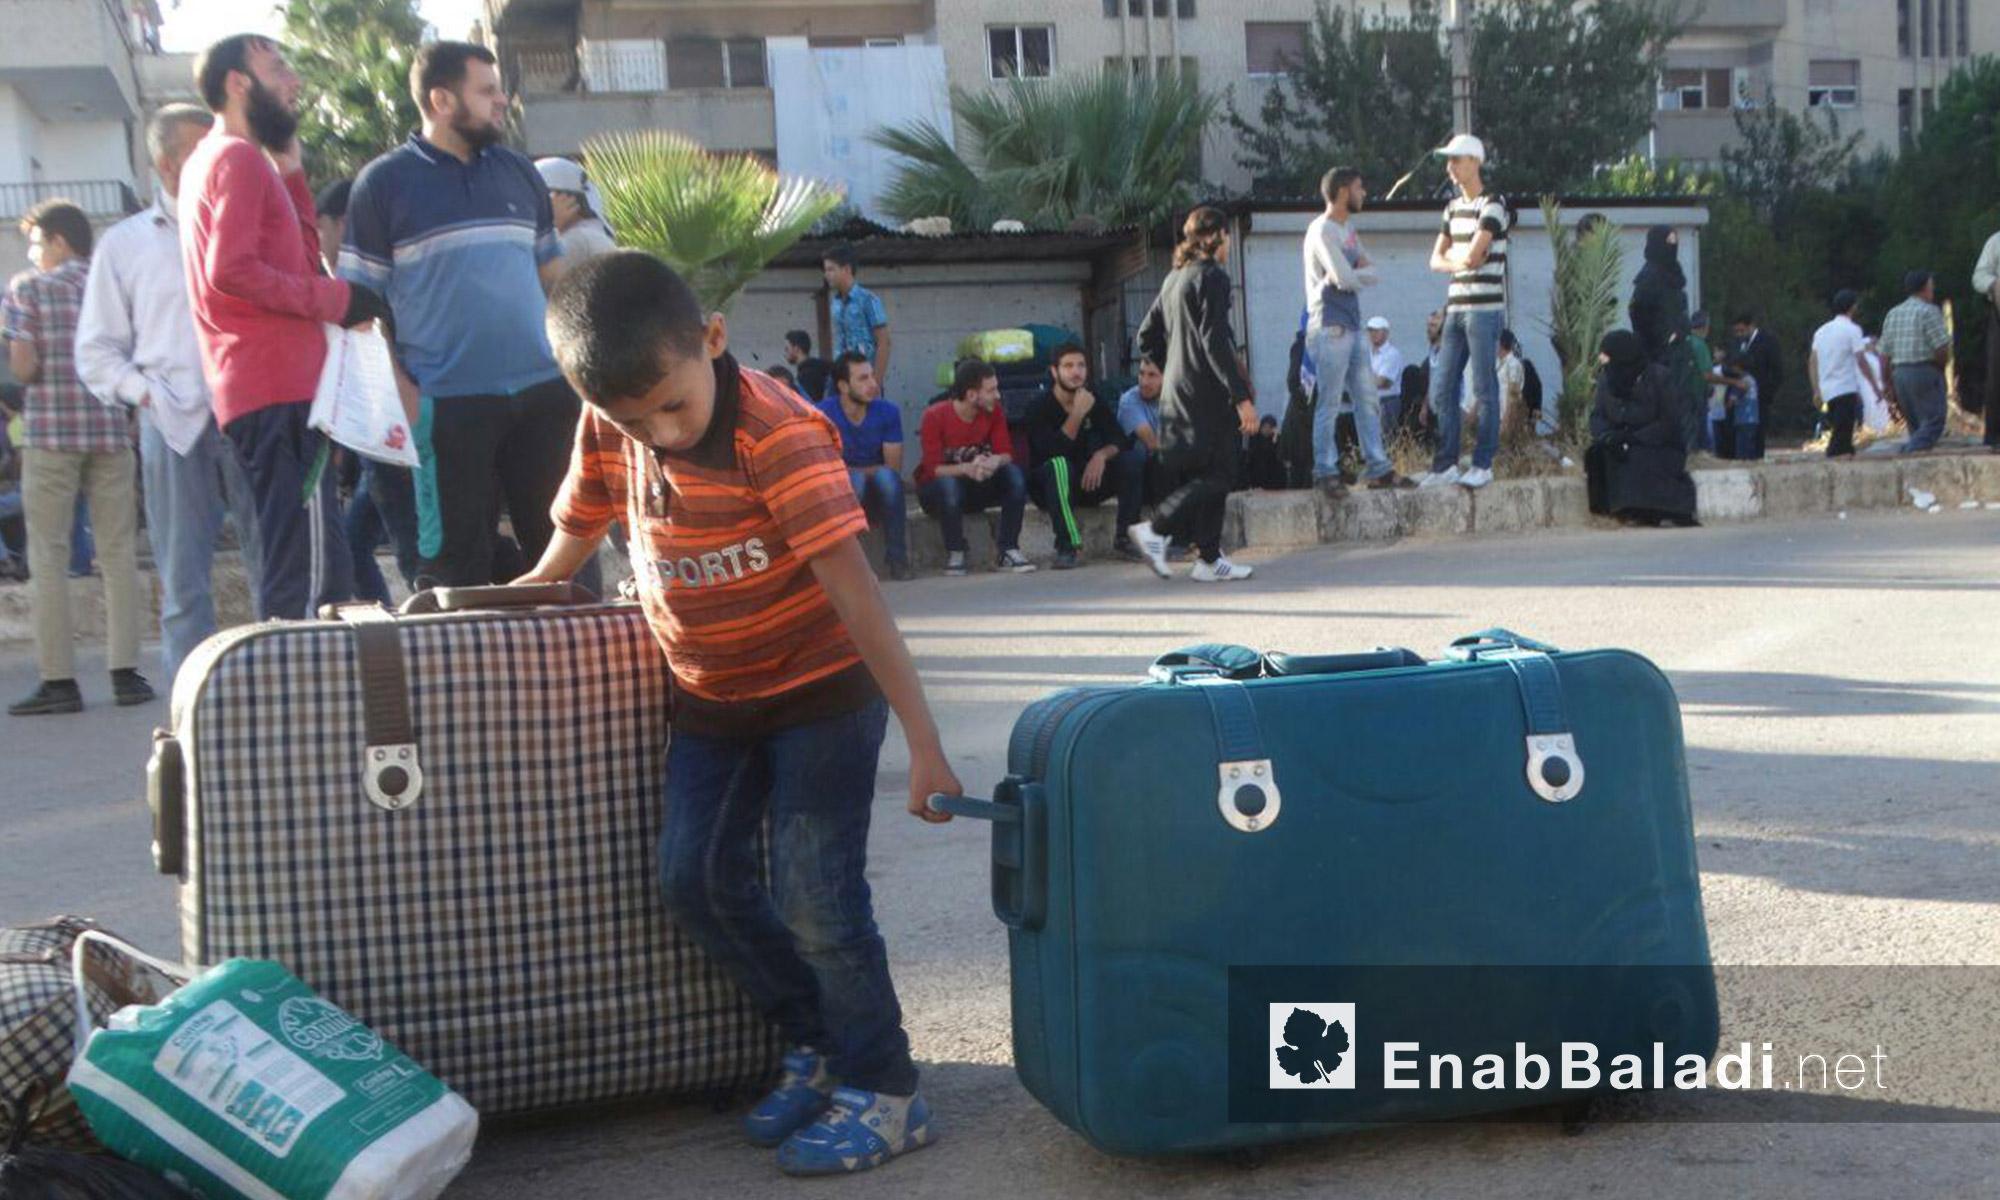 طفل يجهز حقائب عائلته قبل الخروج من الحي إلى ريف إدلب - الاثنين 19 أيلول (عنب بلدي)